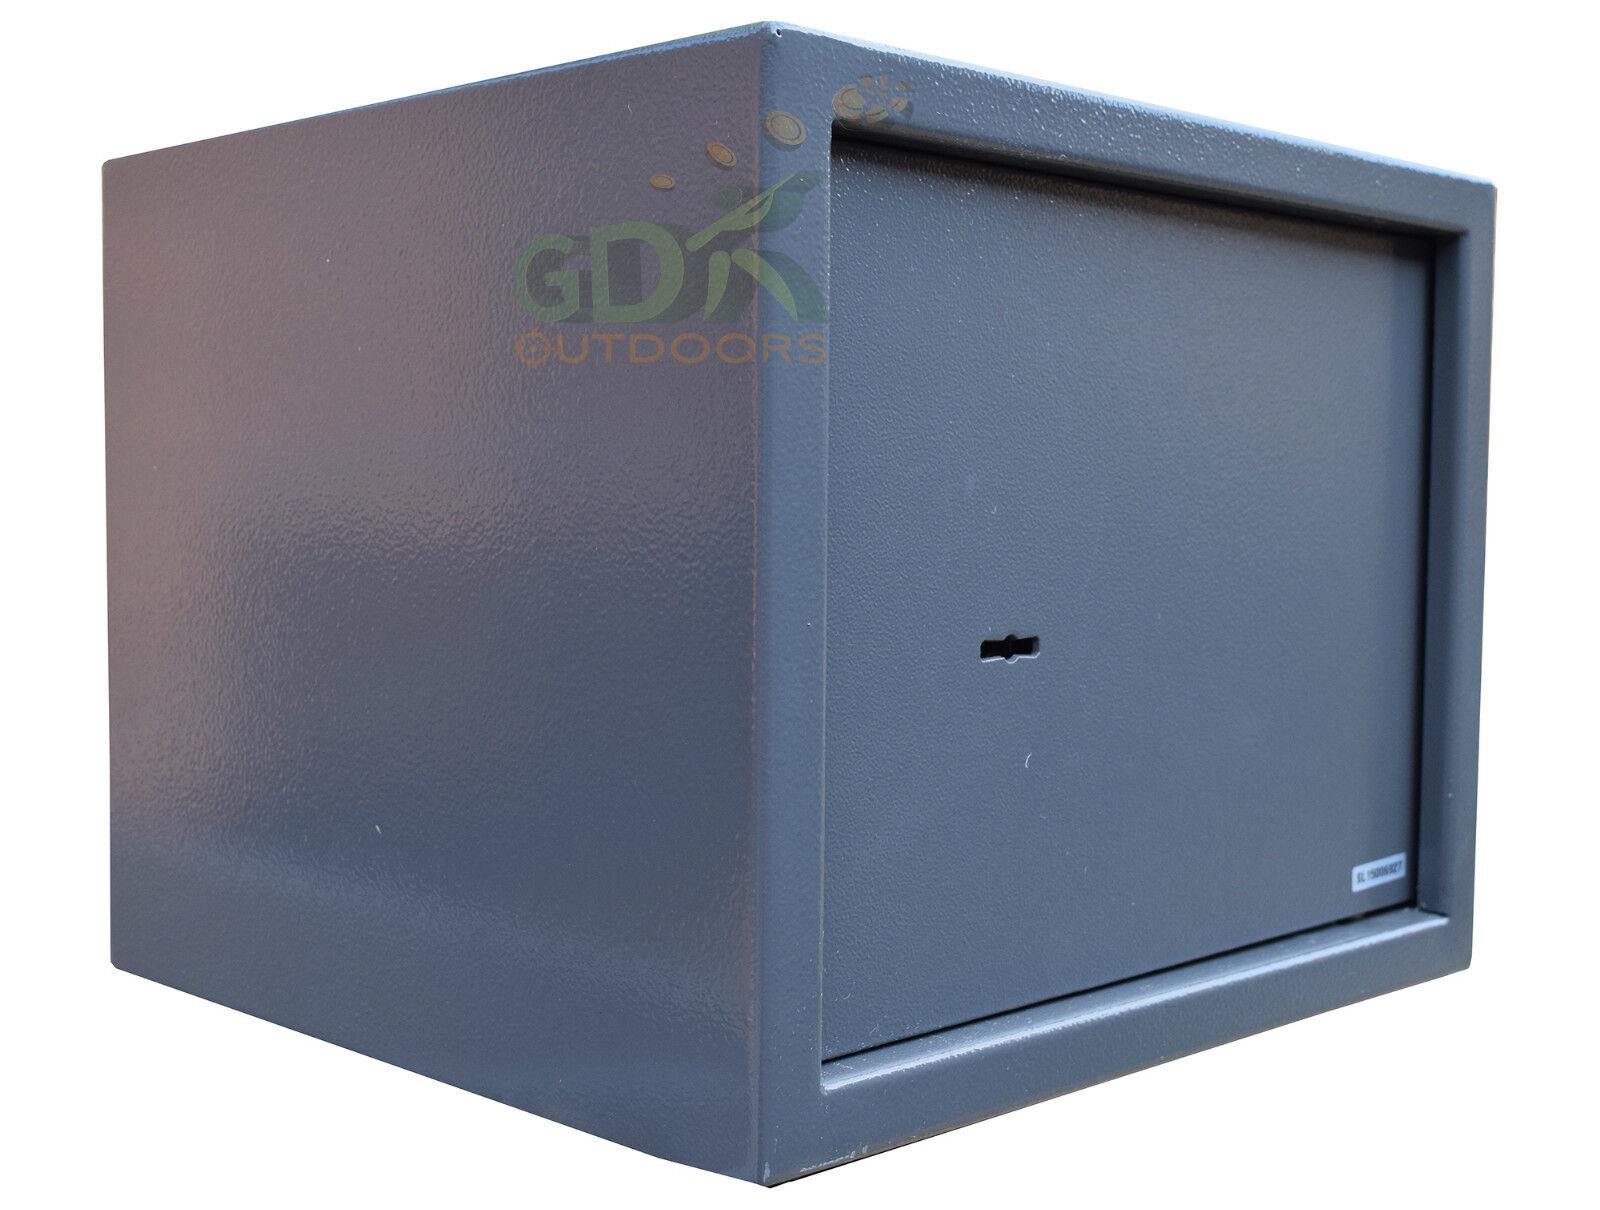 X-deep & amplia munición seguro, munición Caja Fuerte, Pistola de municiones de almacenamiento, Pistola, x-d-a